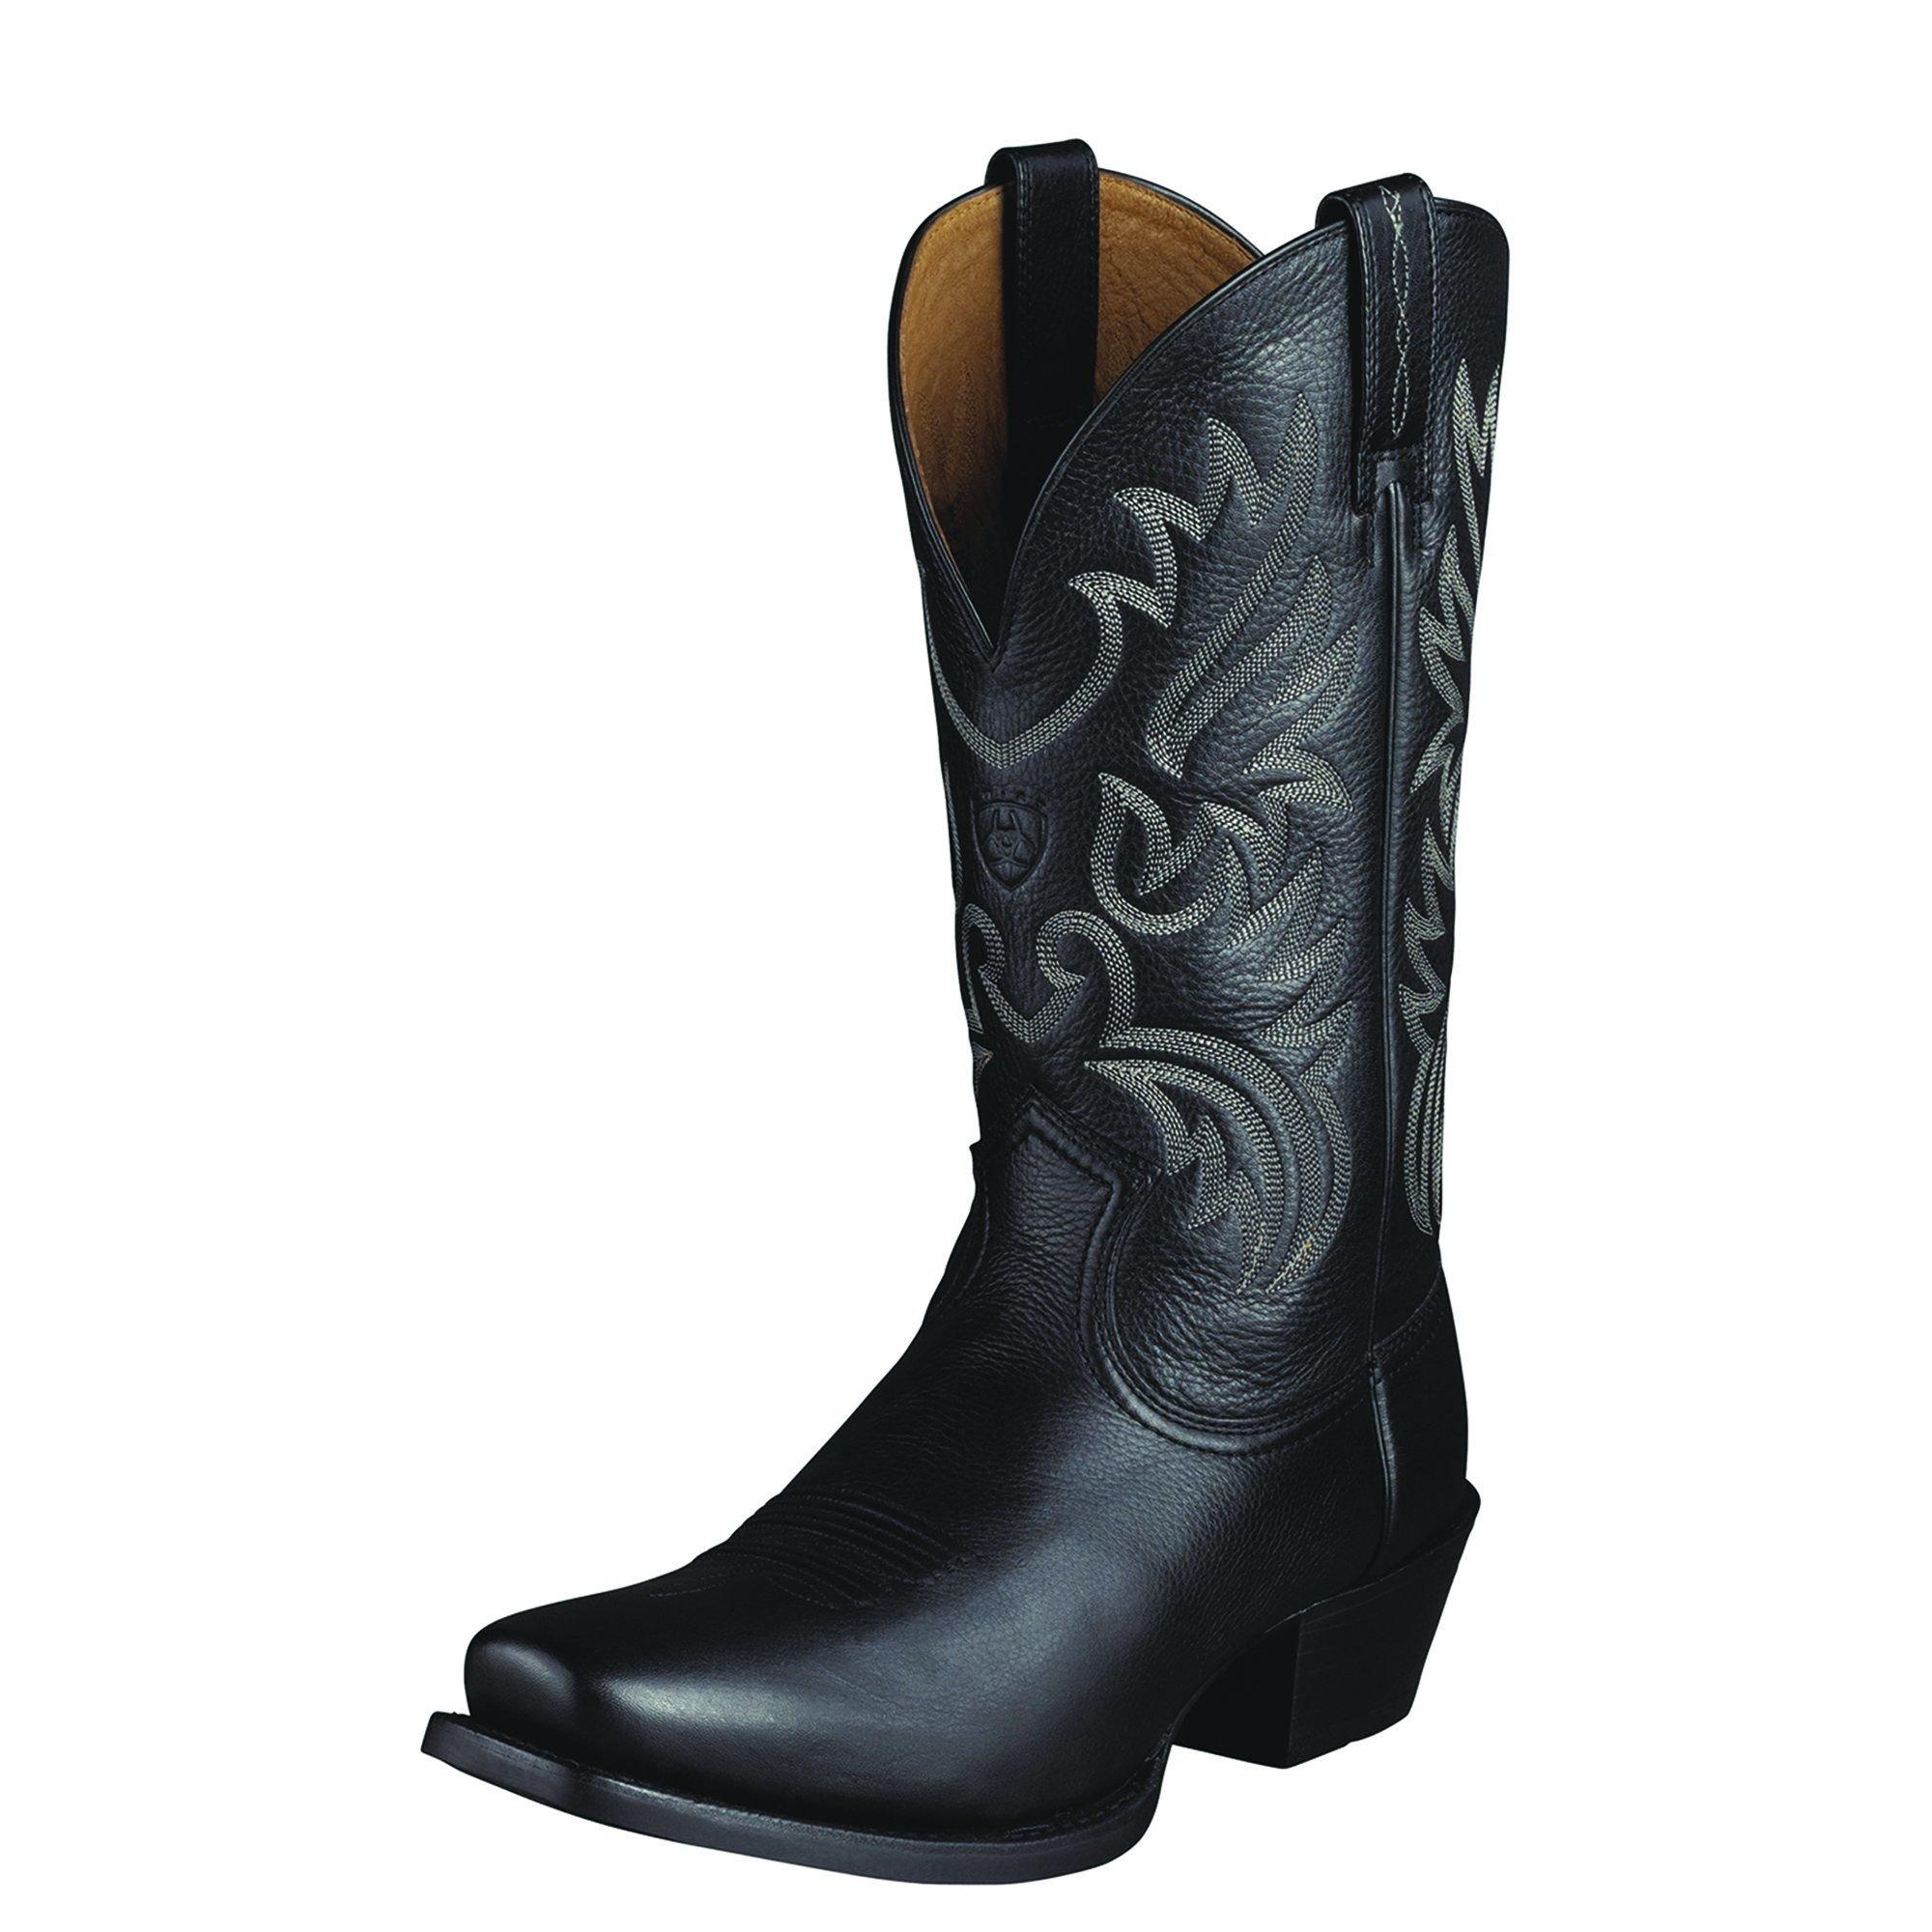 Ariat Men's Legend Western Boot, Black Deer Tan, 10.5 D US